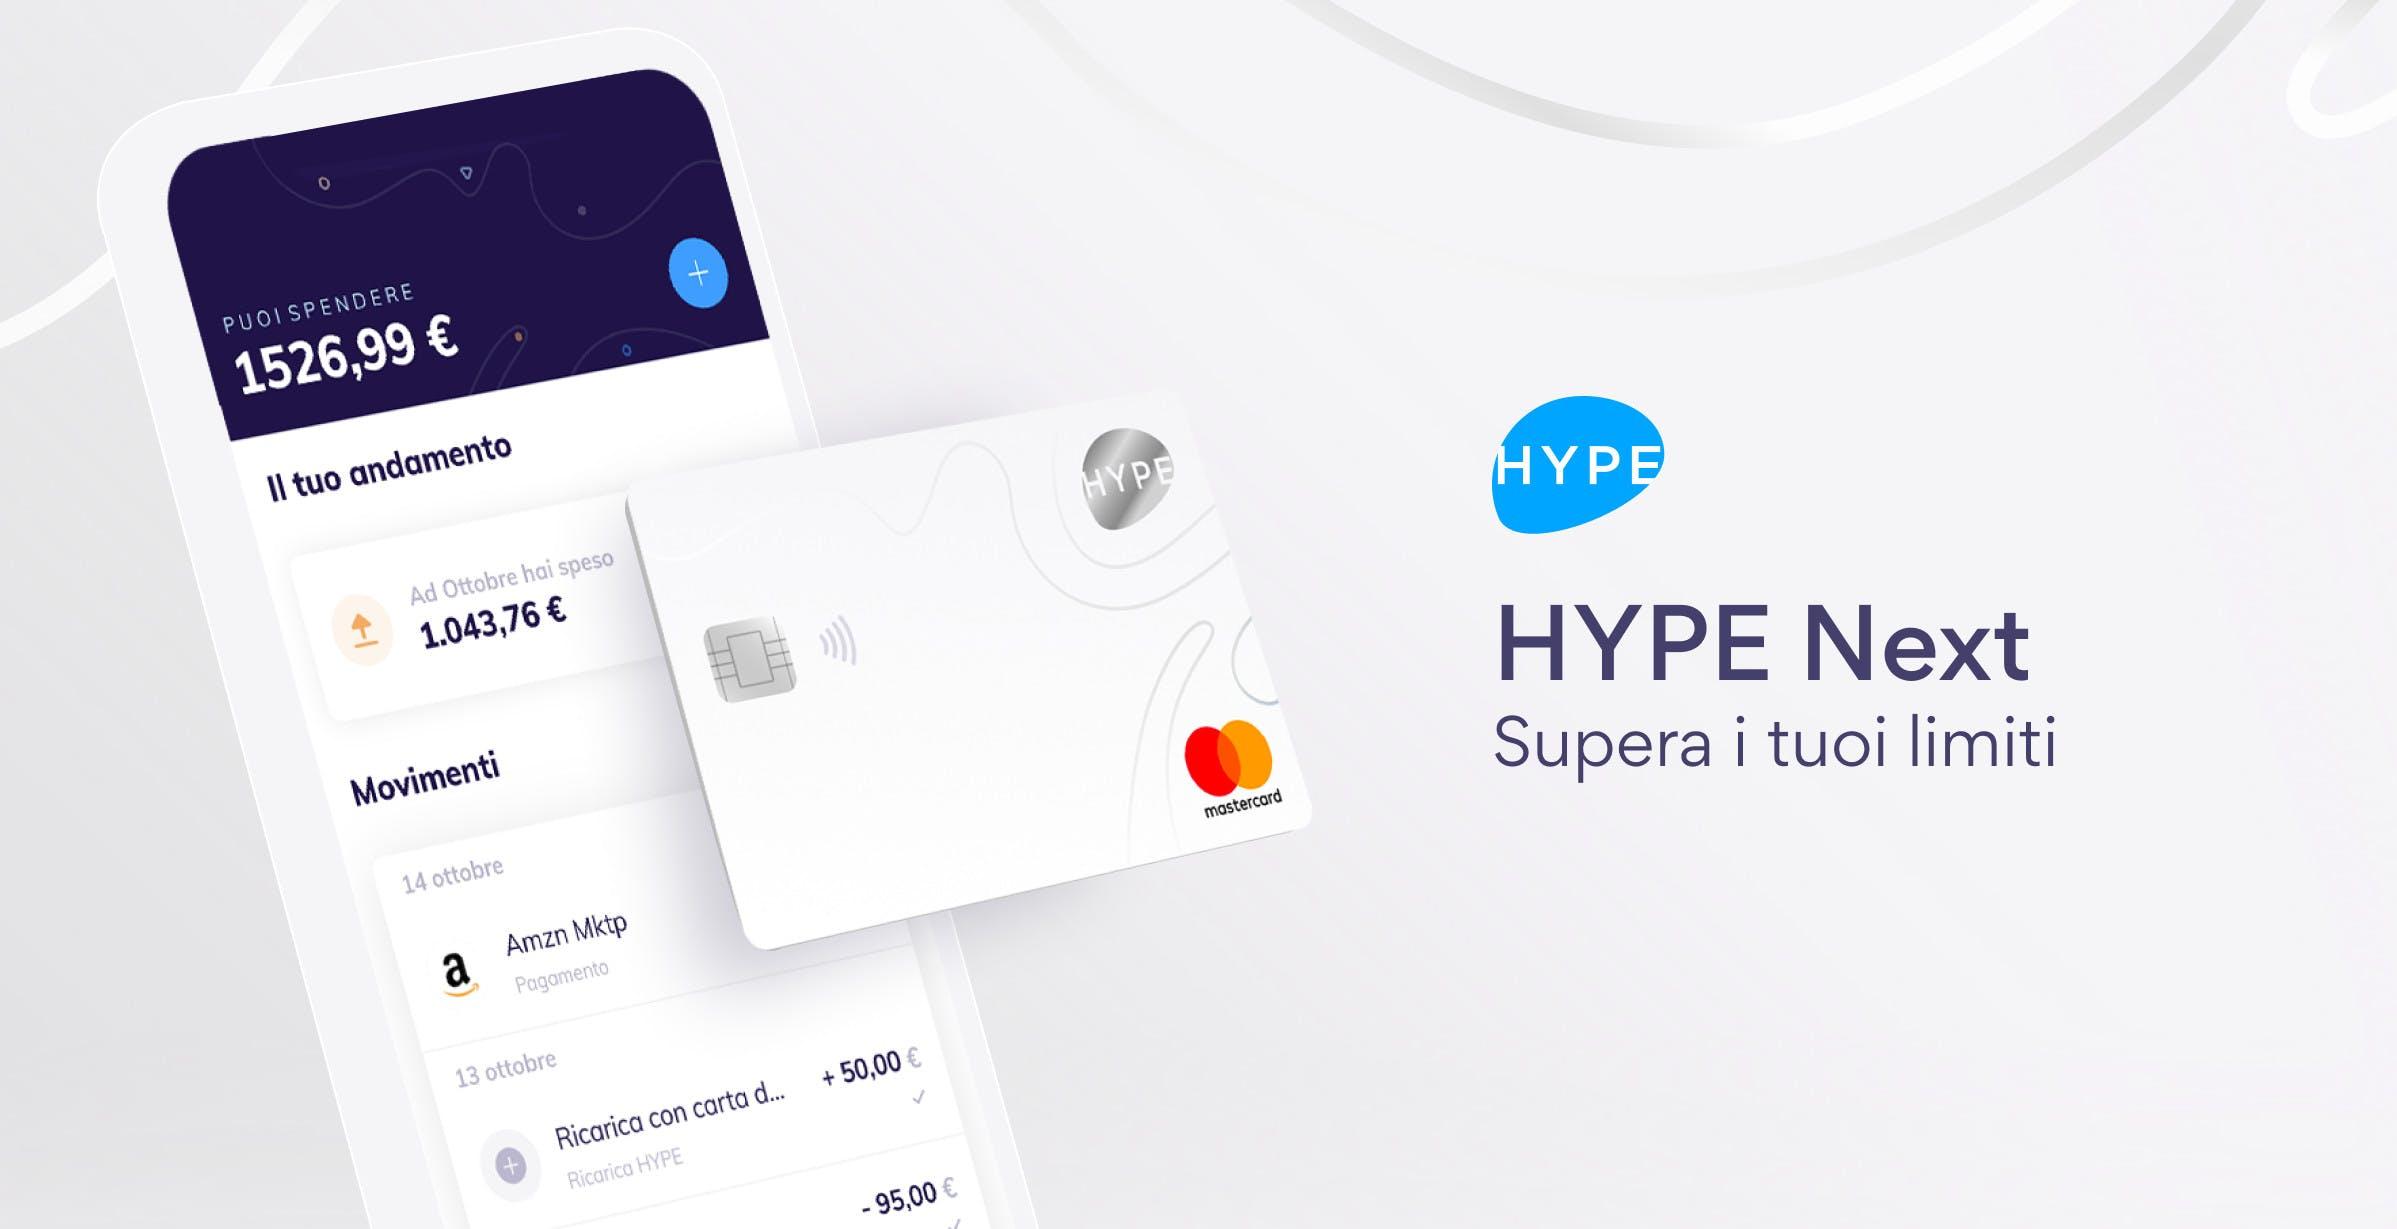 Hype lancia il conto Next con bonifici ricorrenti, istantanei e ricariche gratis